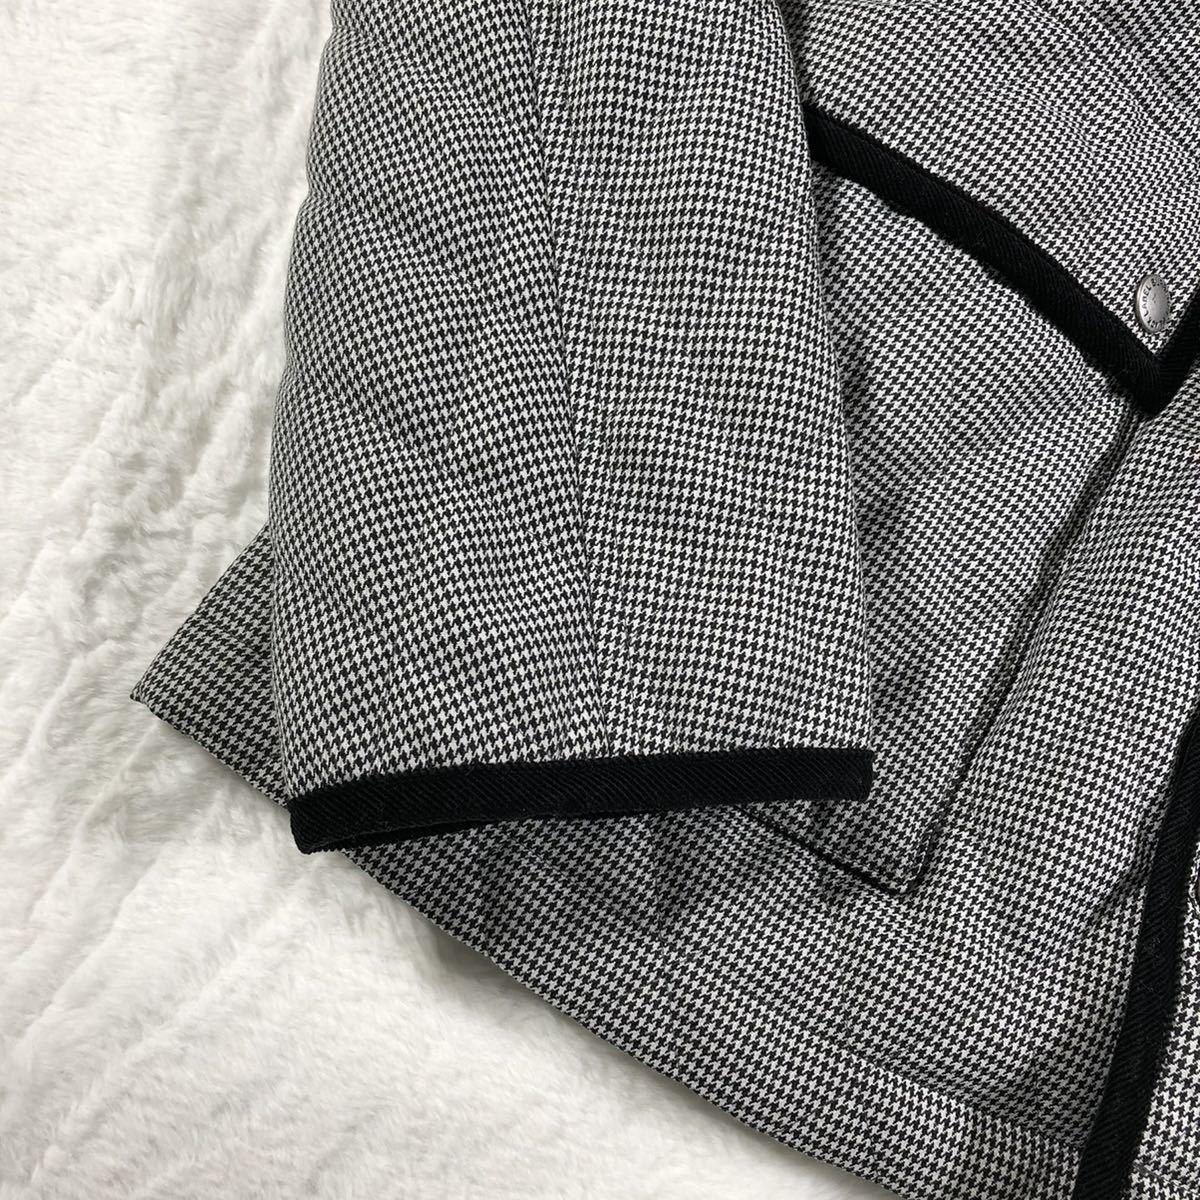 【ほぼ新品・極希少】バーバリーブラックレーベル キルティングジャケット 千鳥格子 Lサイズ BURBERRY BLACK LABEL アウター ブルゾン_画像3